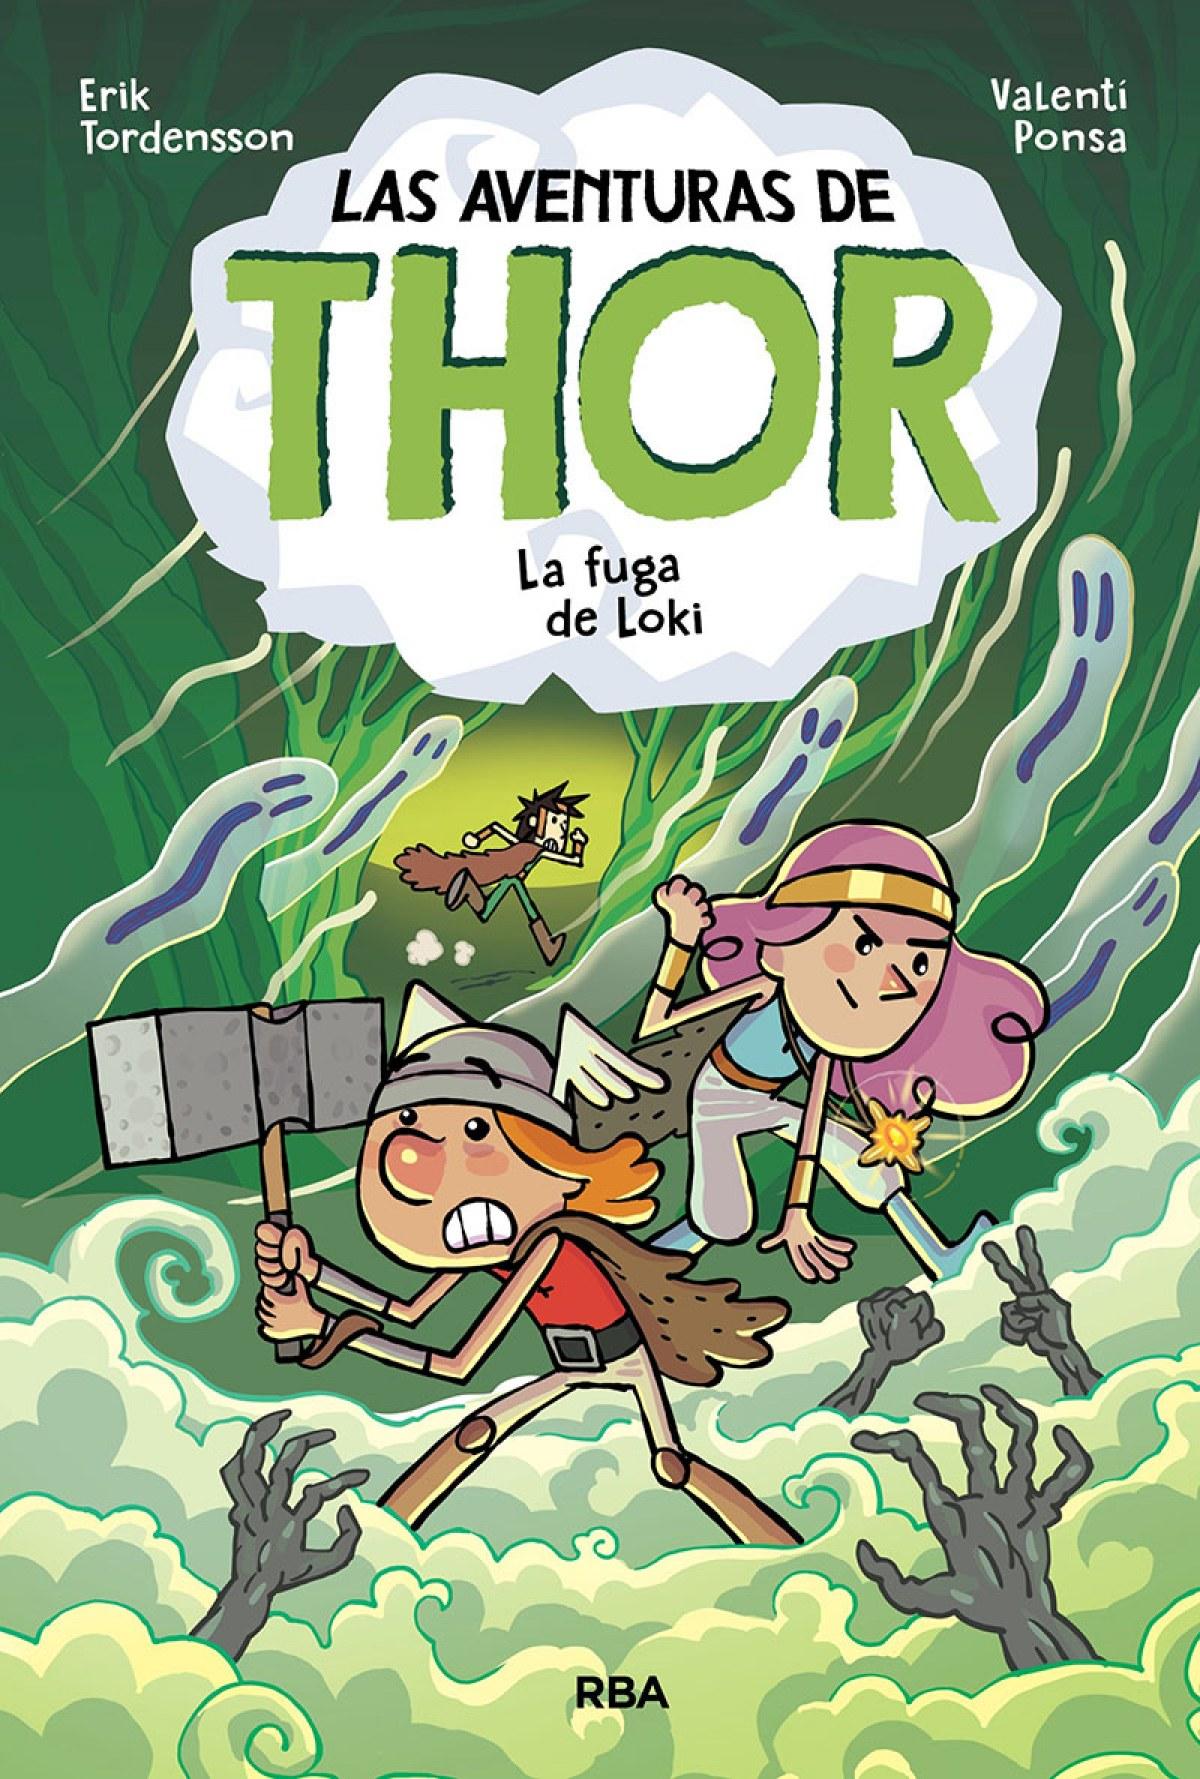 Las aventuras de Thor 2. La fuga de Loki